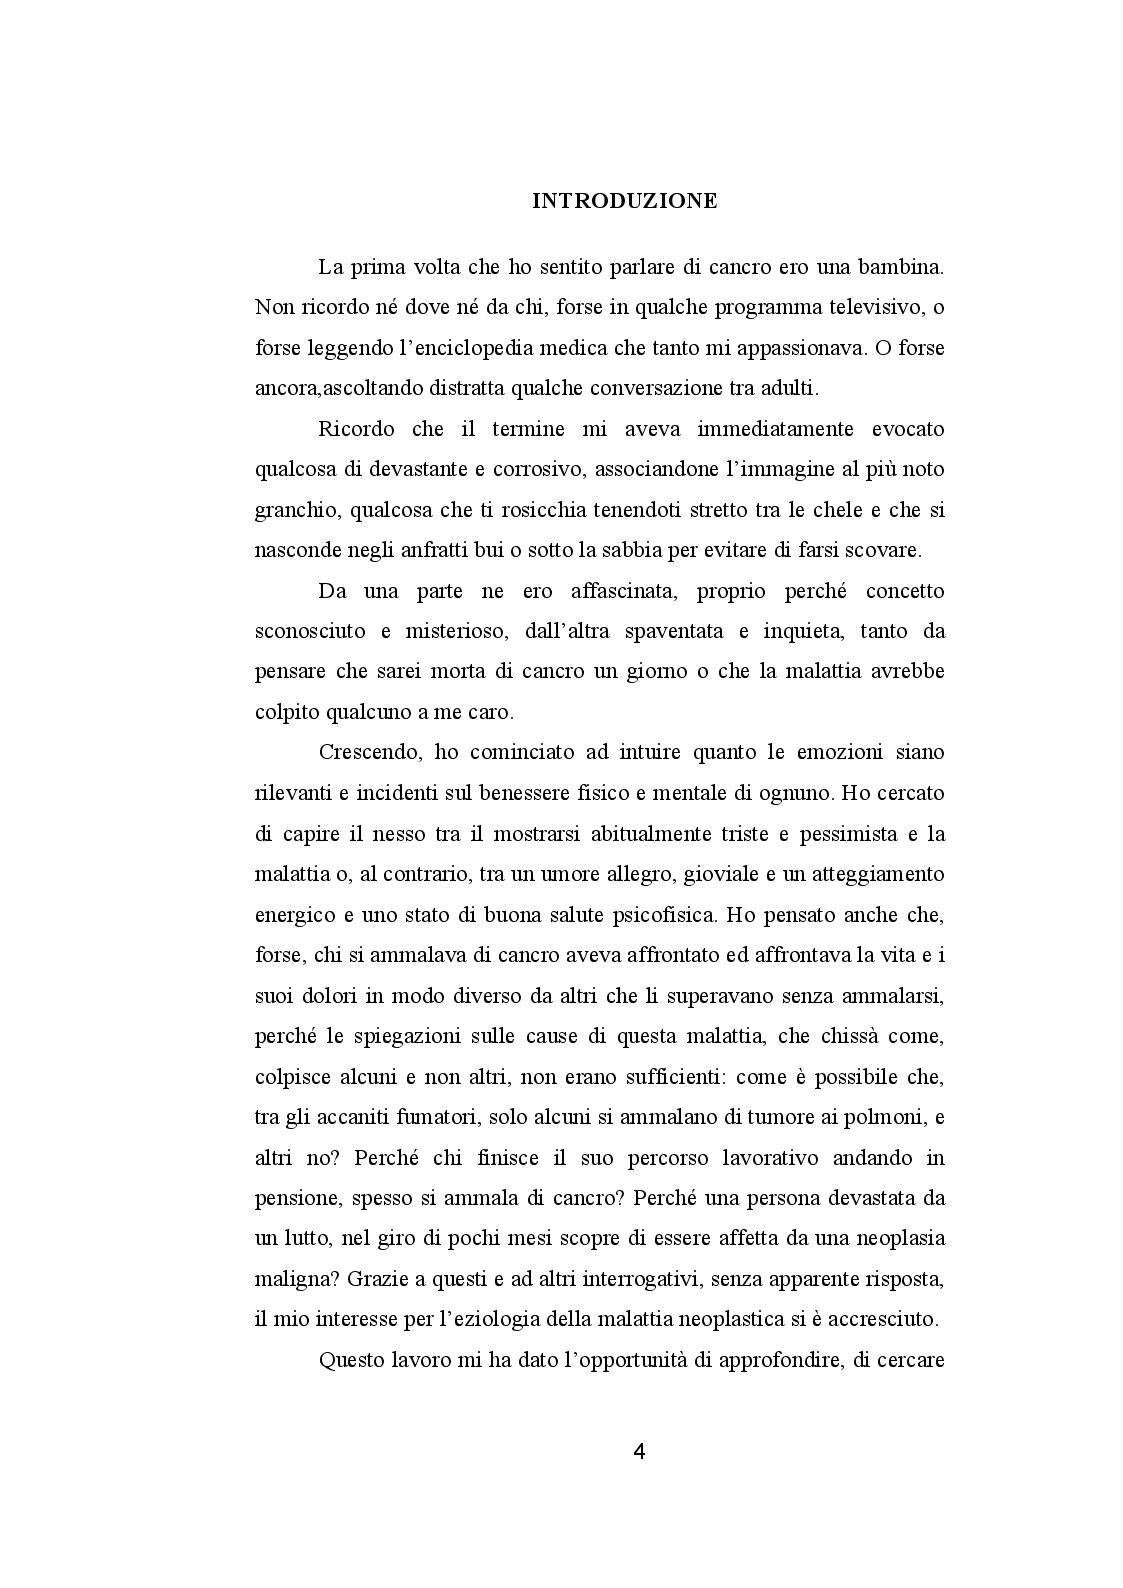 Anteprima della tesi: CANCRO ED EMOZIONI. Implicazioni psicologiche e socio-relazionali nella sindrome psiconeoplastica, Pagina 2